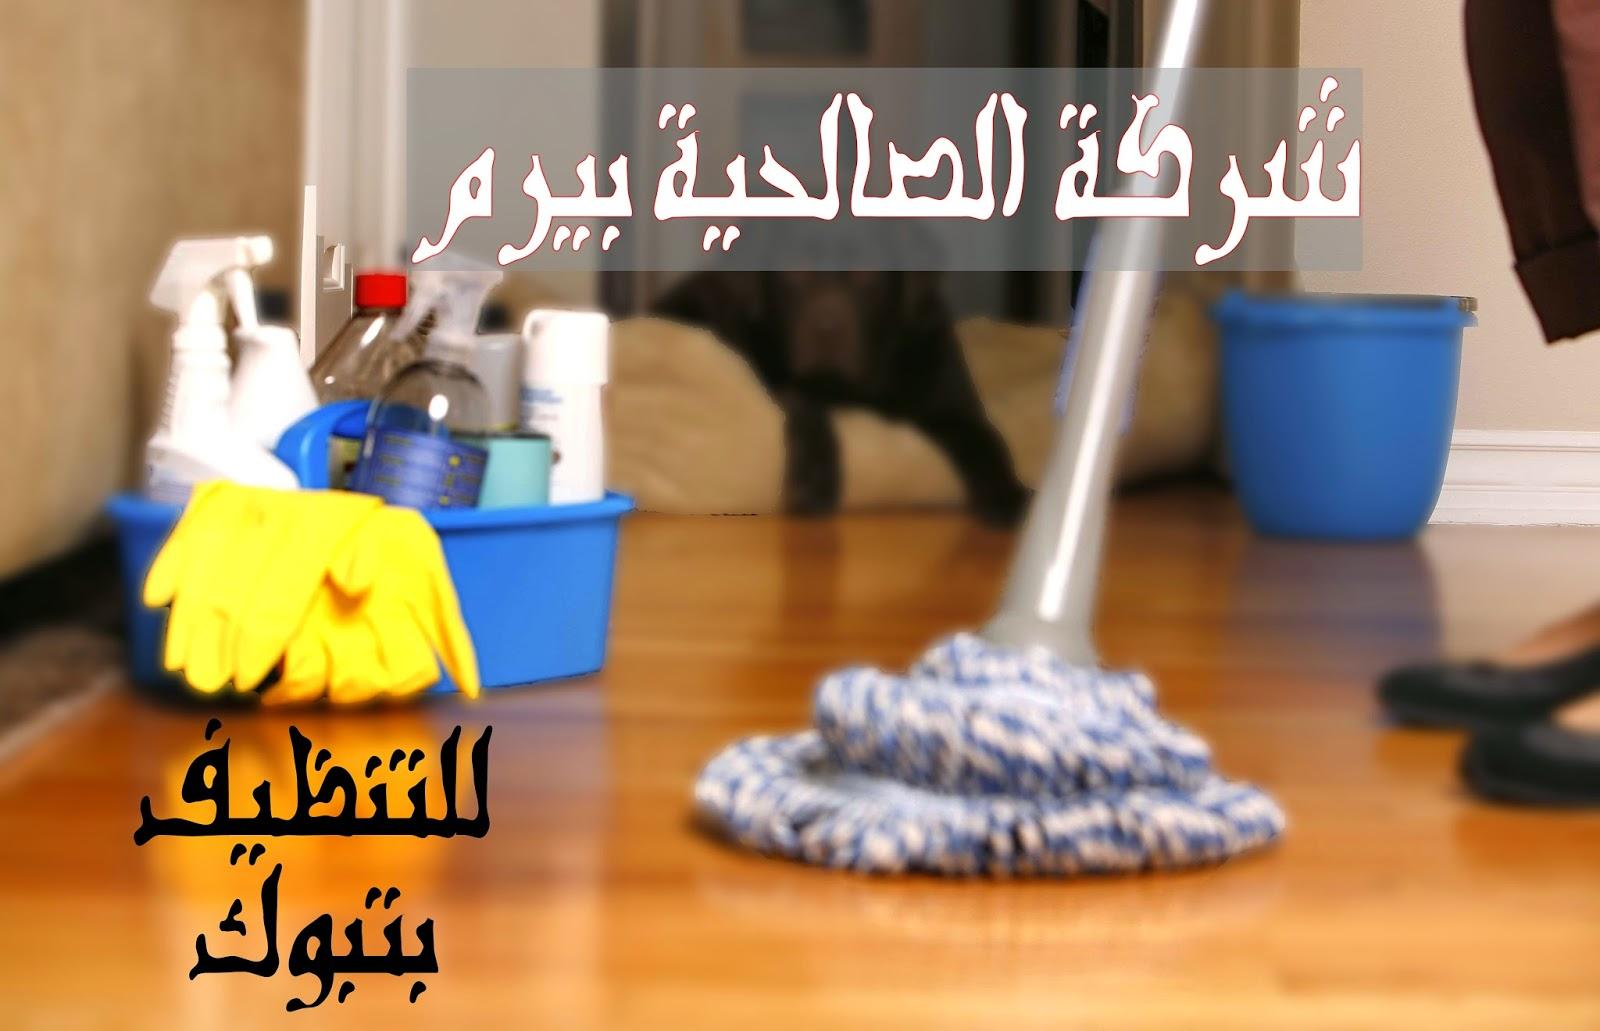 شركة تنظيف منازل بتبوك شركة تنظيف بتبوك شركة تنظيف بتبوك 0562460449